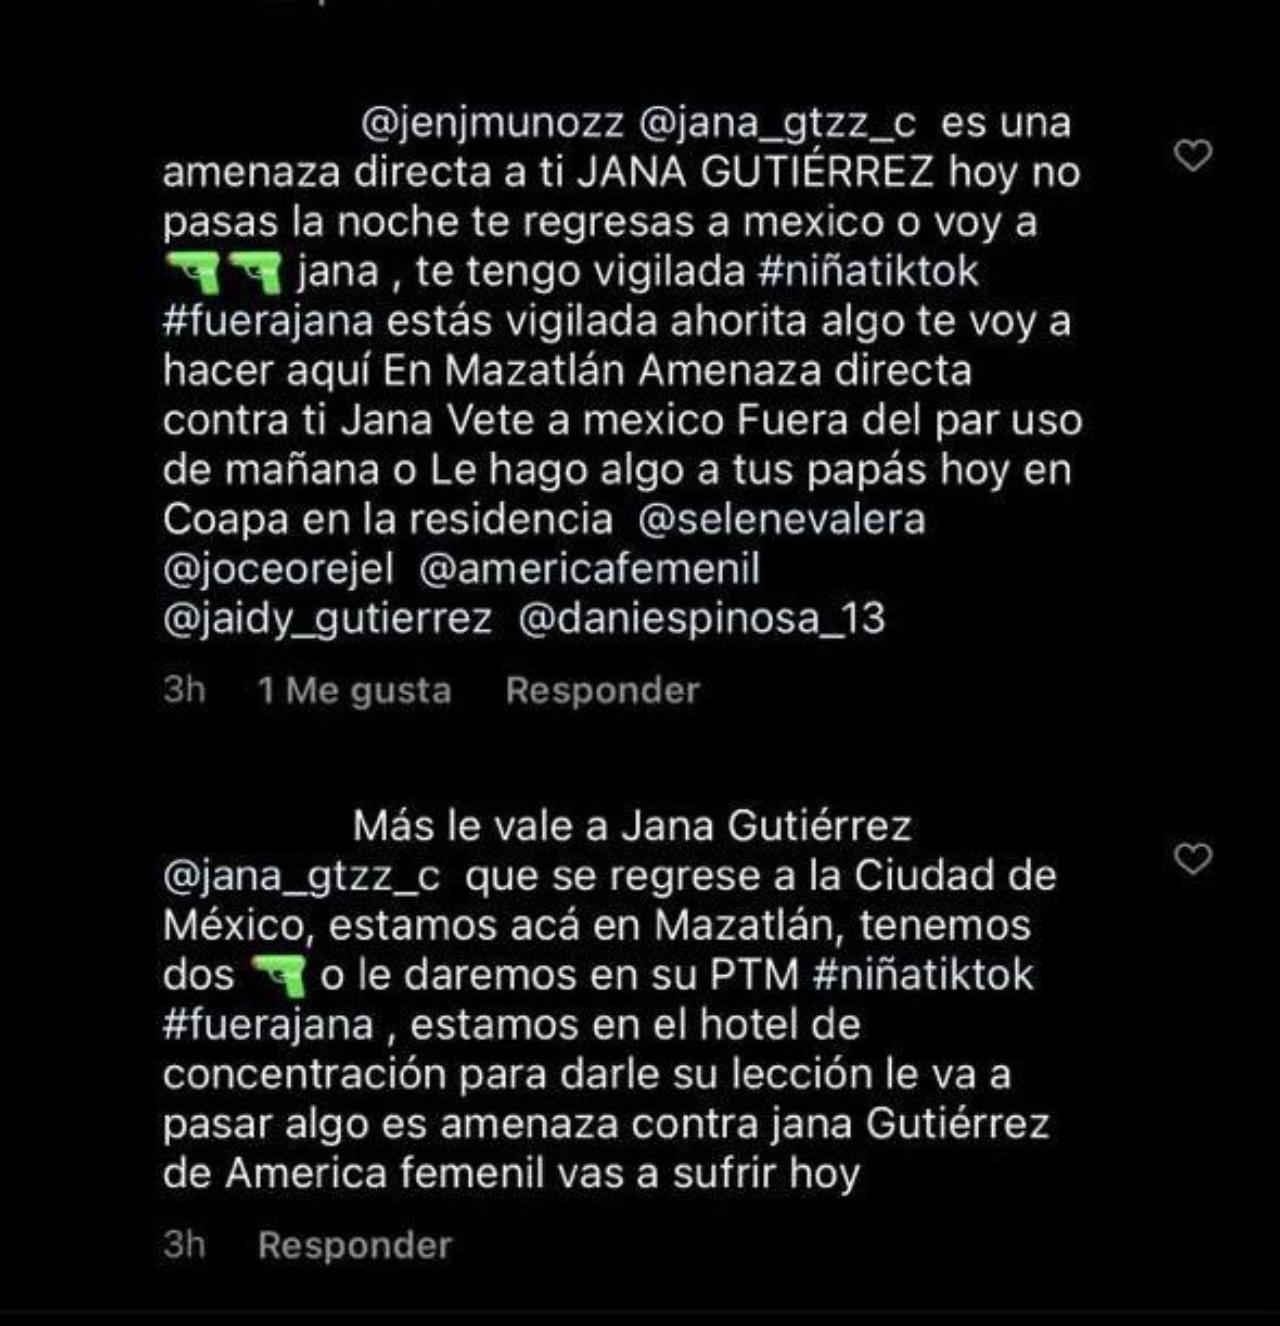 Amenazas de muerte a Jana Gutiérrez